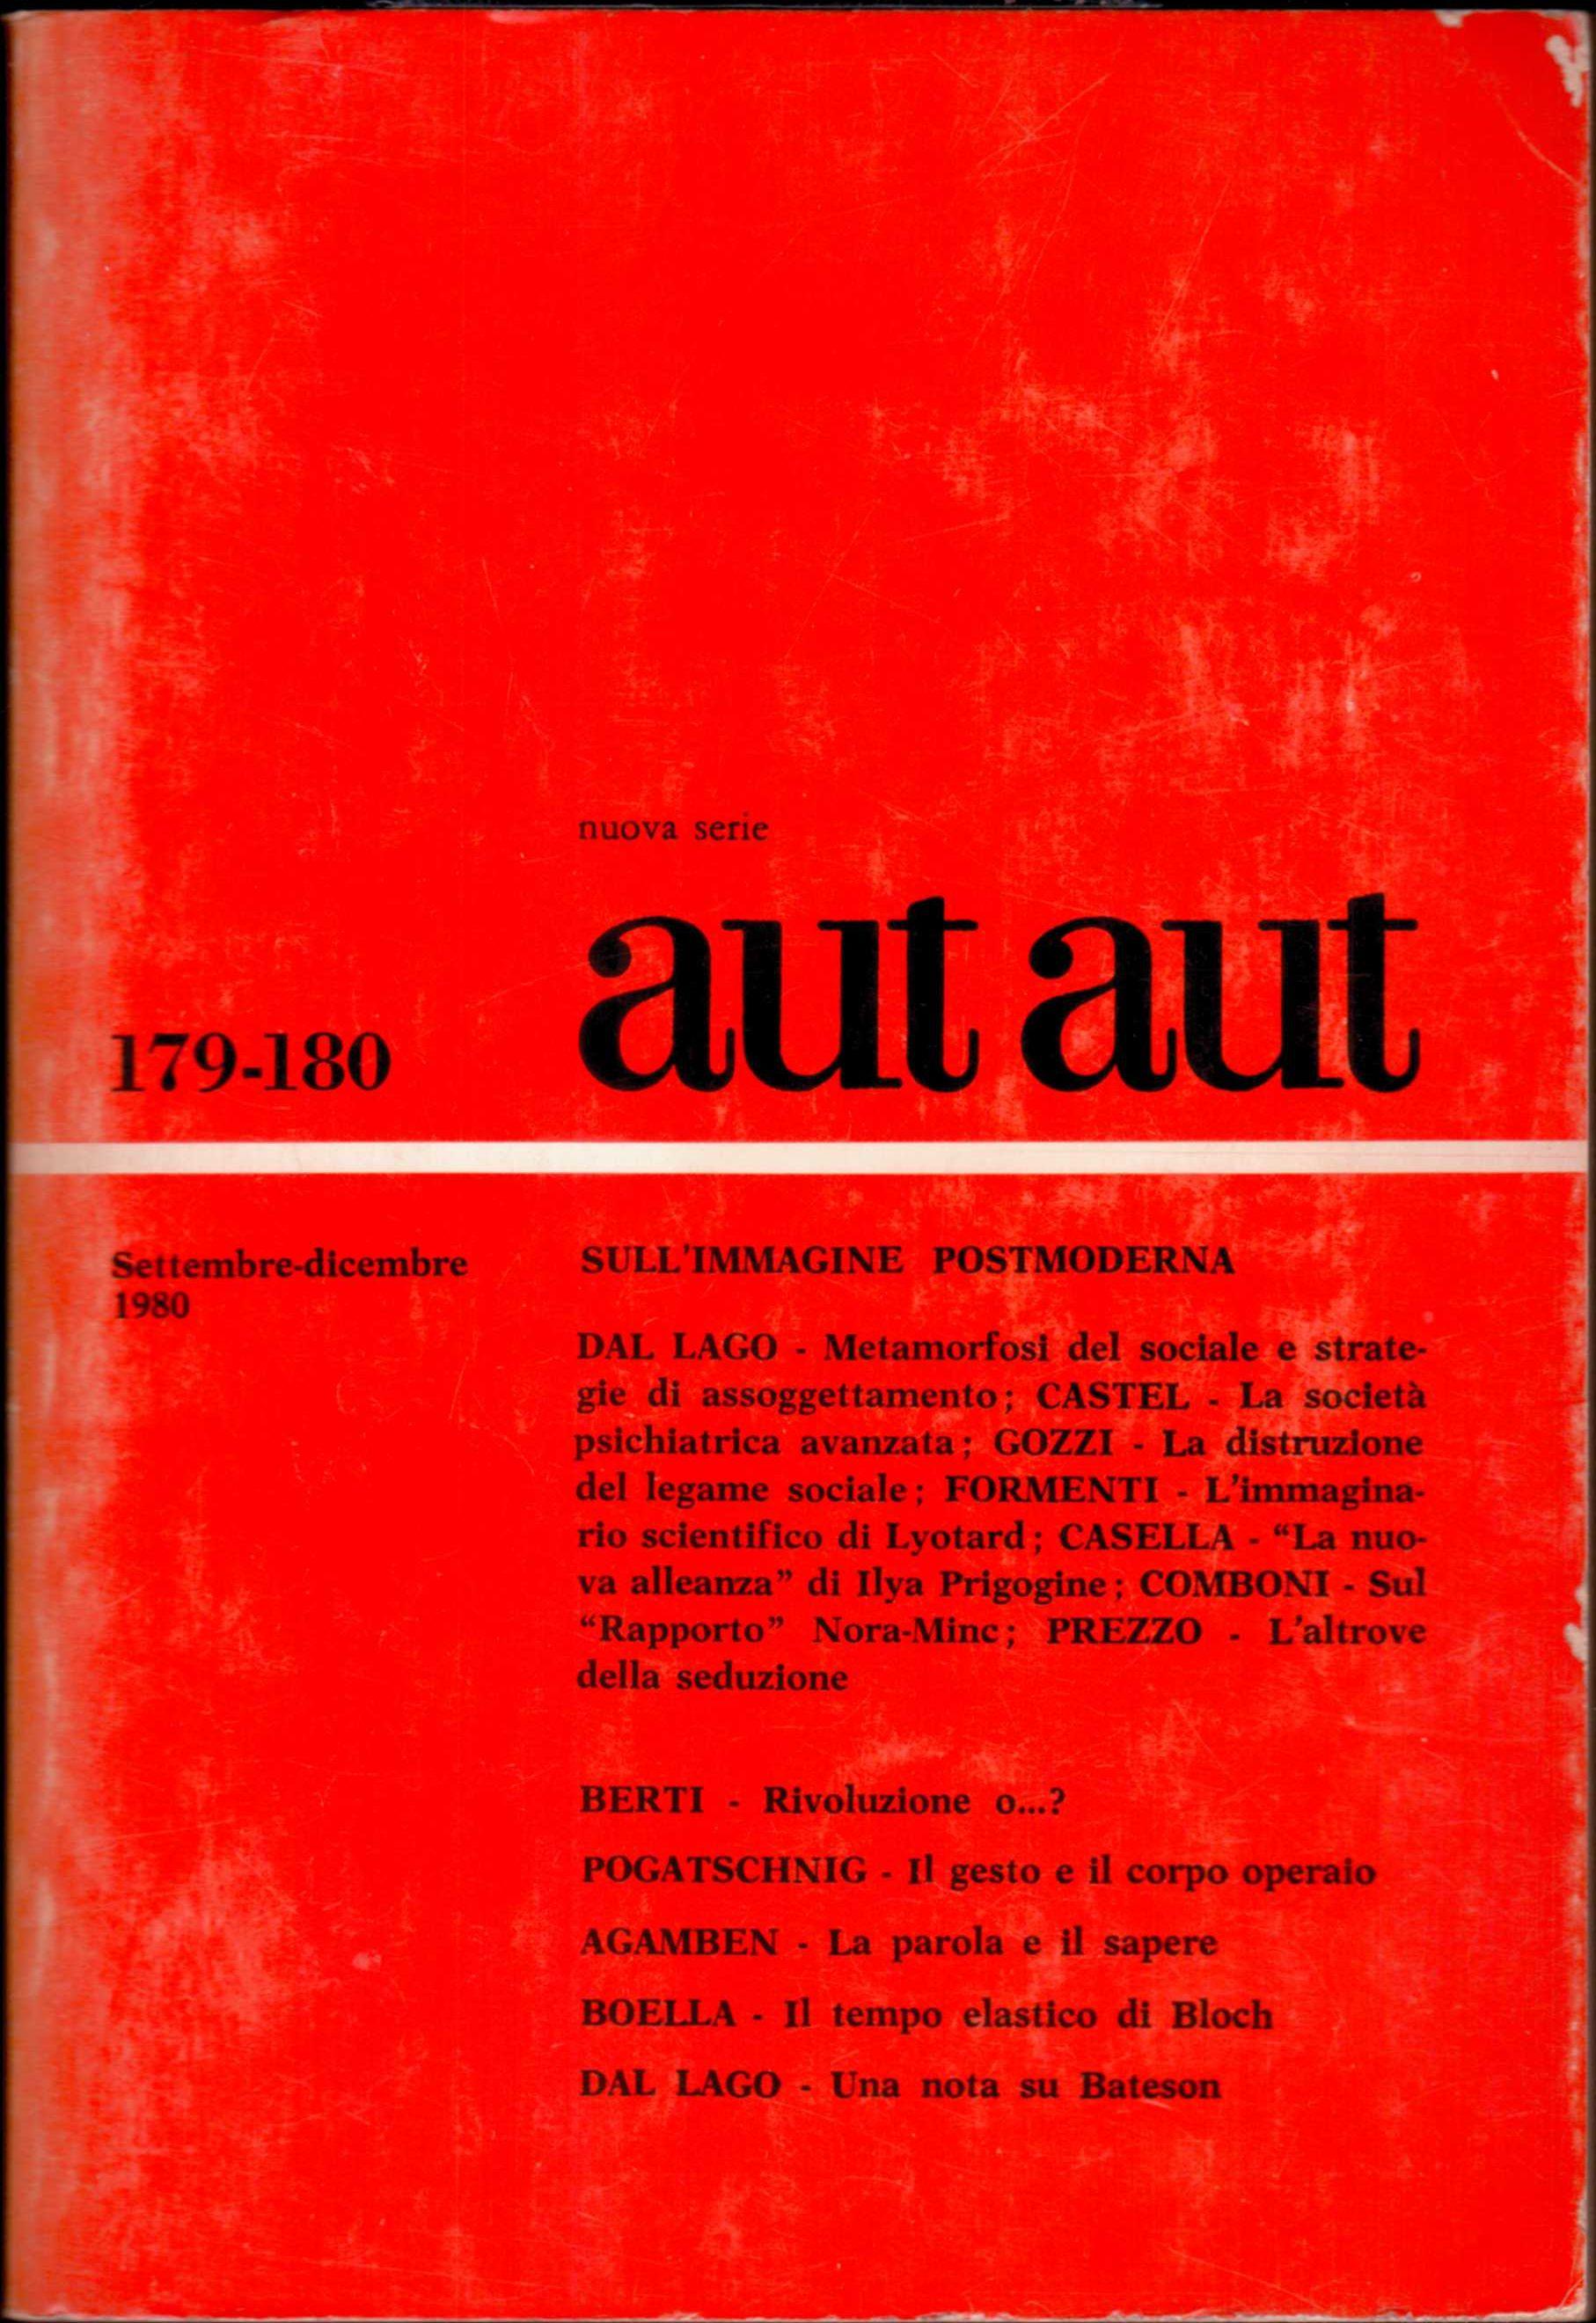 Aut aut n. 179-180 / 1980